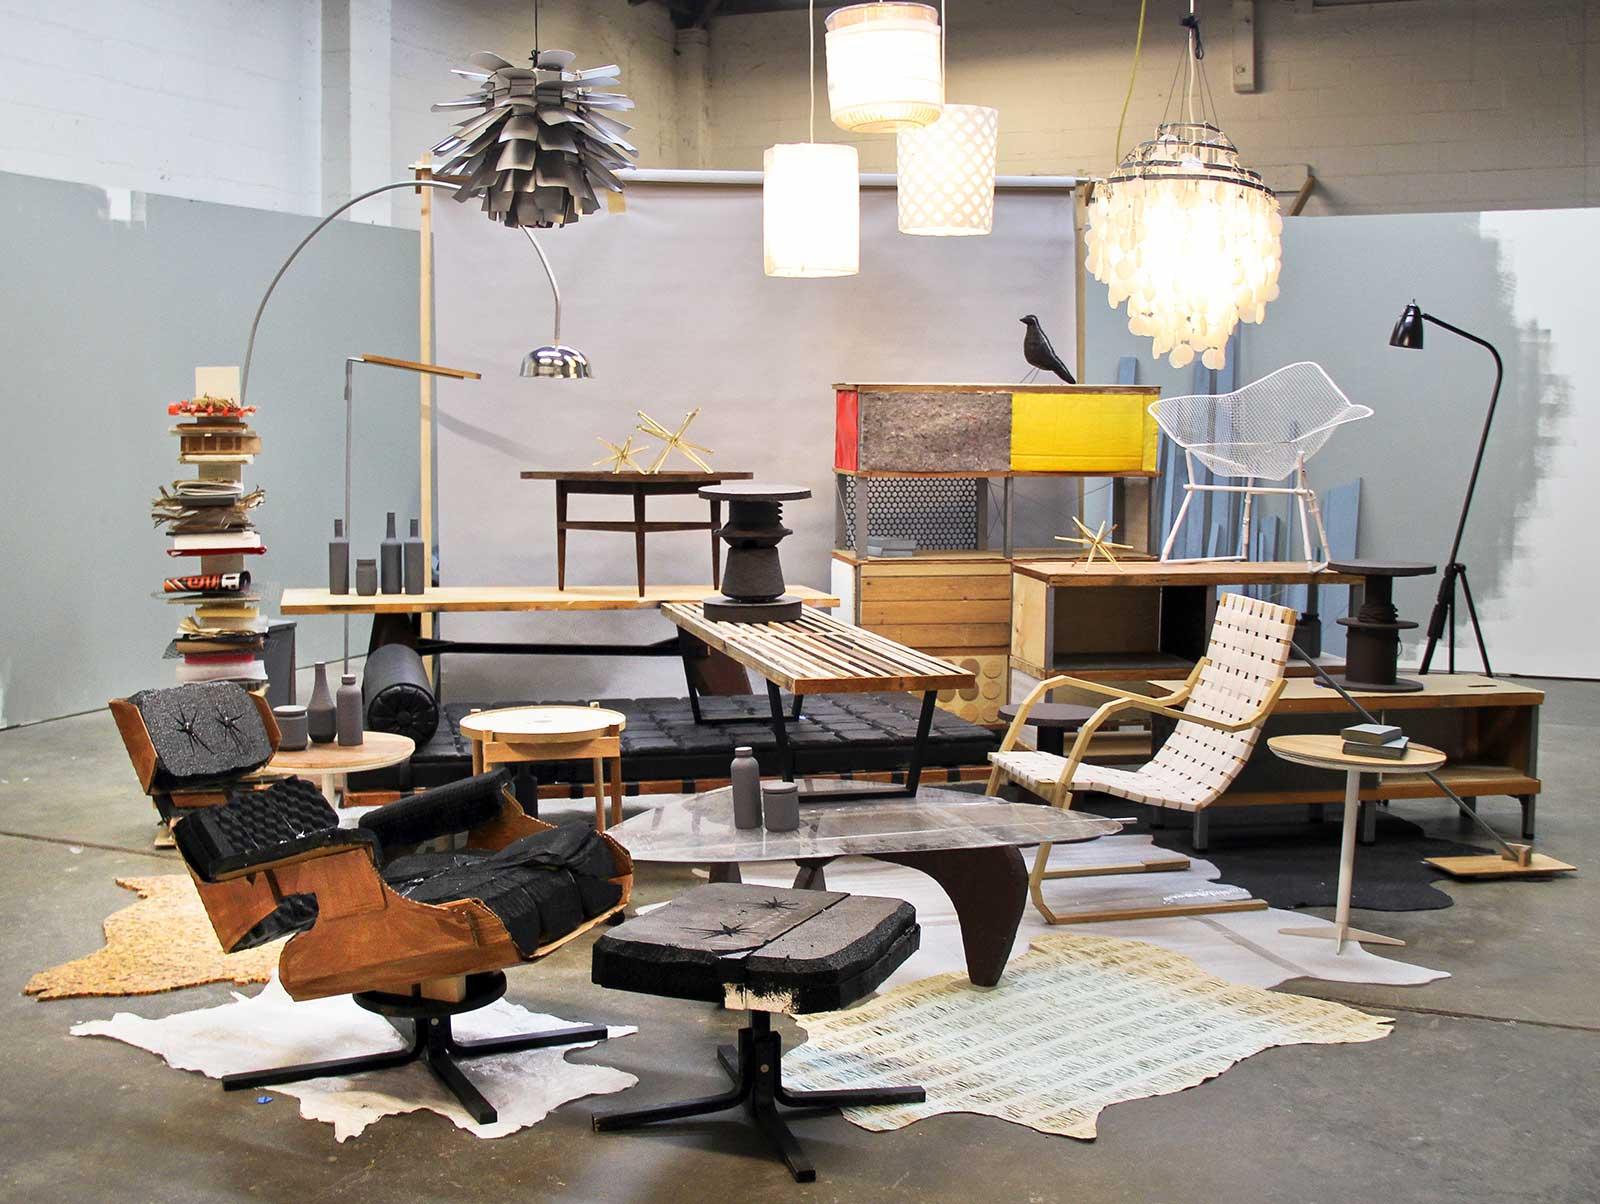 designer furniture made from trash